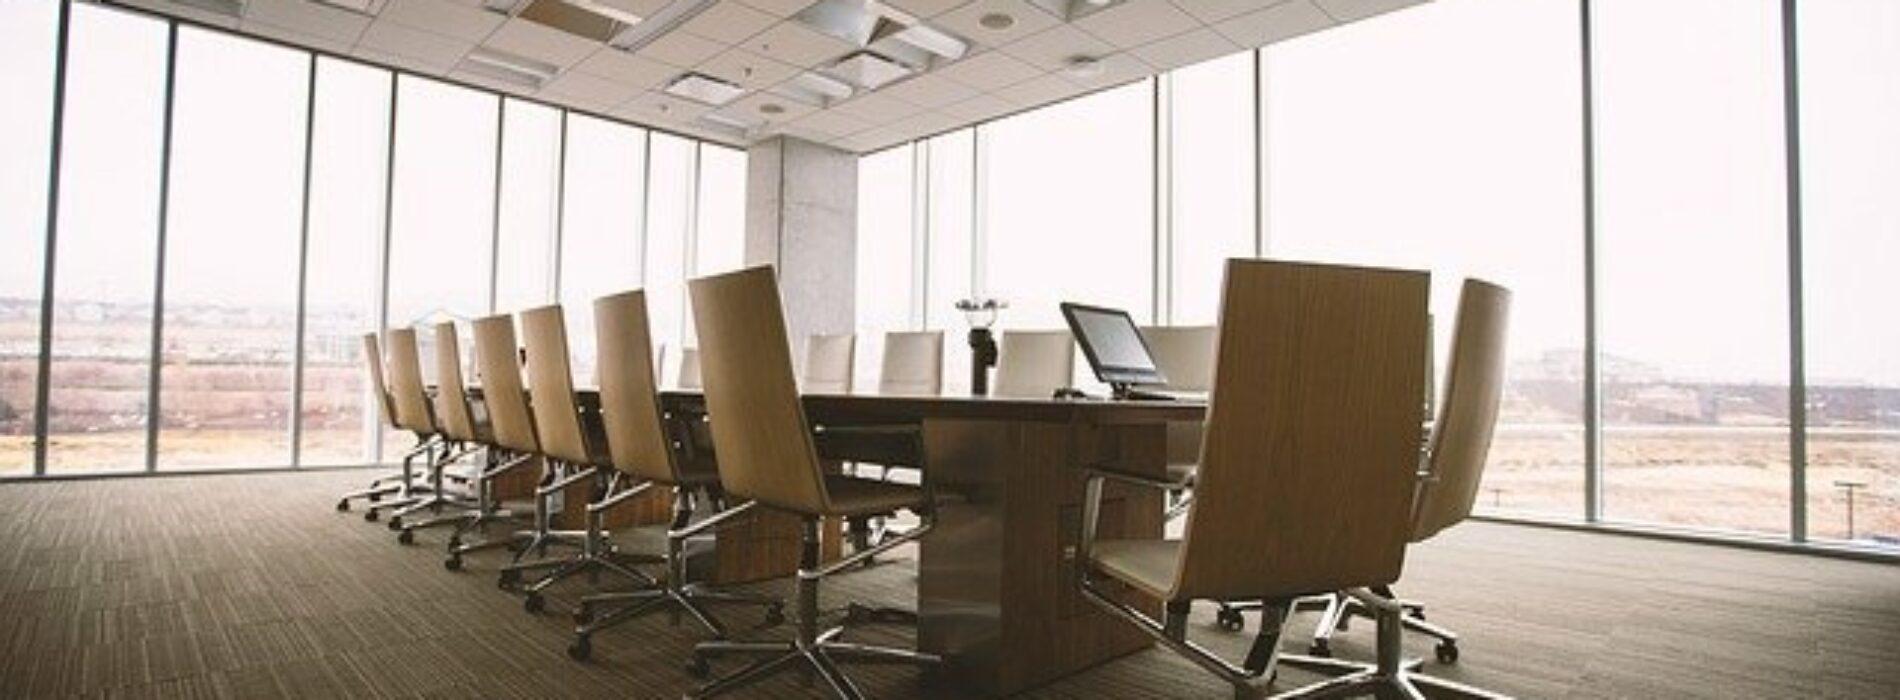 Dlaczego warto skorzystać z usług firmy rekrutacyjnej przy poszukiwaniu pracy?